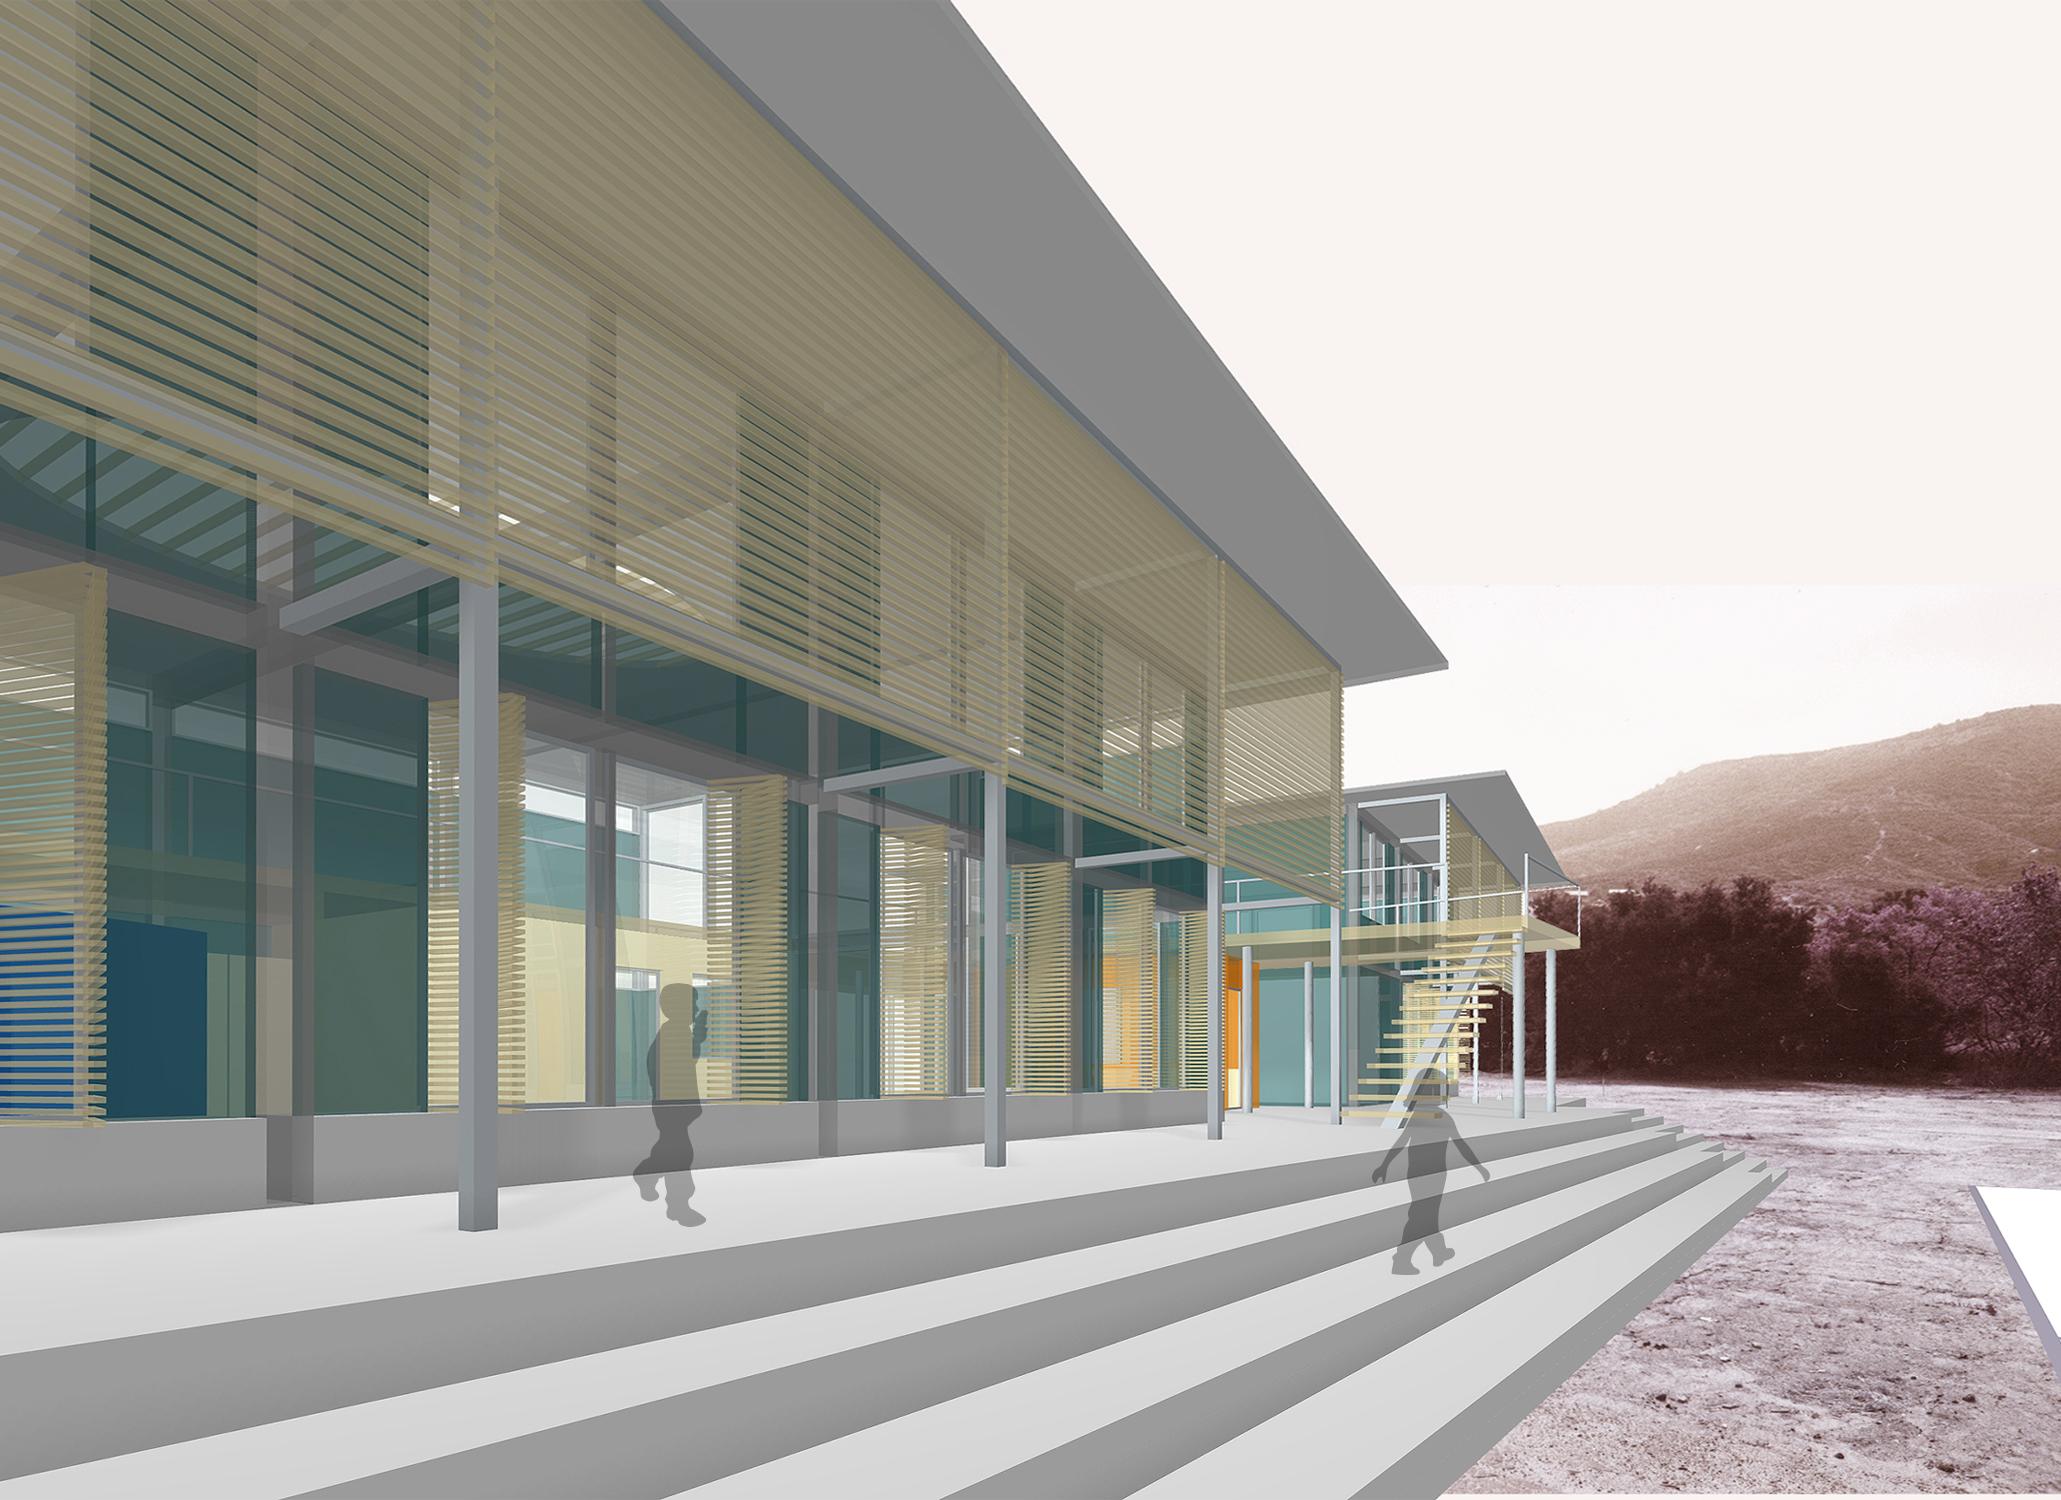 Sycuan Recreation Center